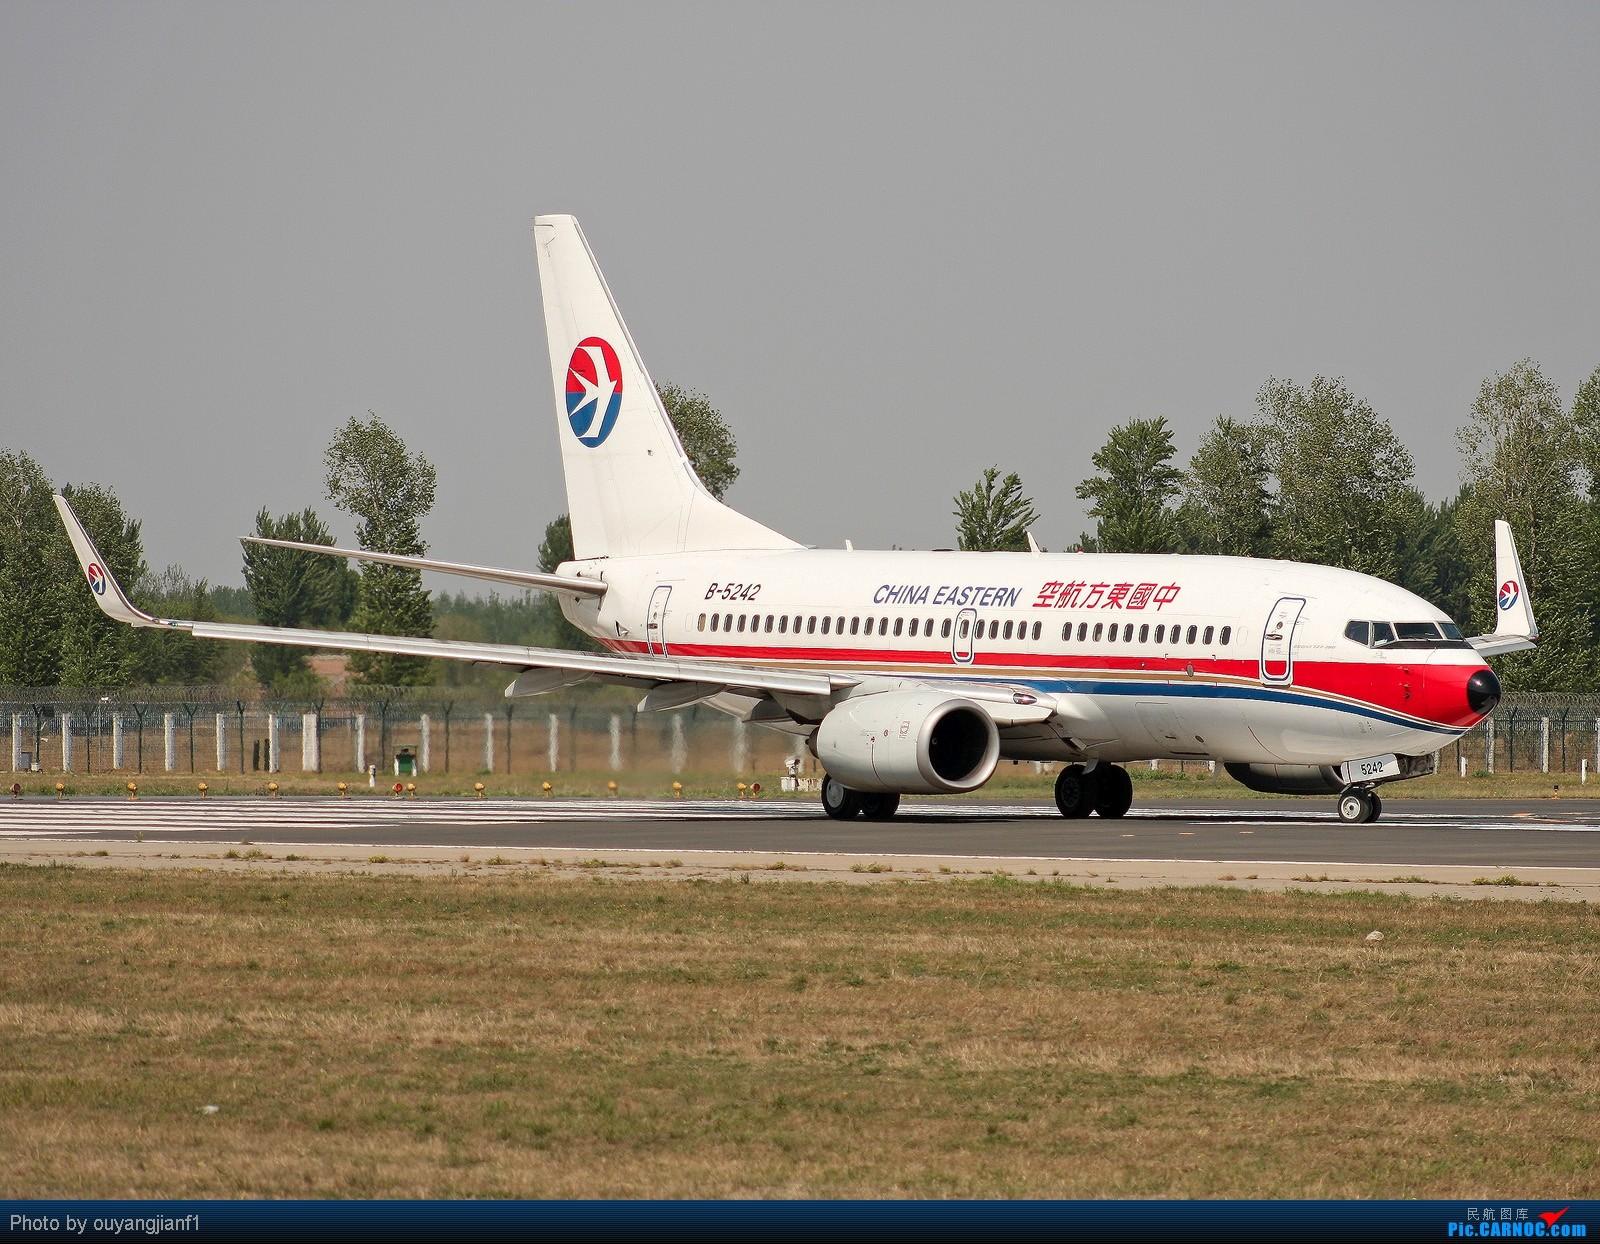 Re:[原创]快有一年没去西跑道了,拍机的感觉已逐渐淡忘,但是只要心中有梦,手中有单反,一切皆有可能! BOEING 737-700 B-5242 北京